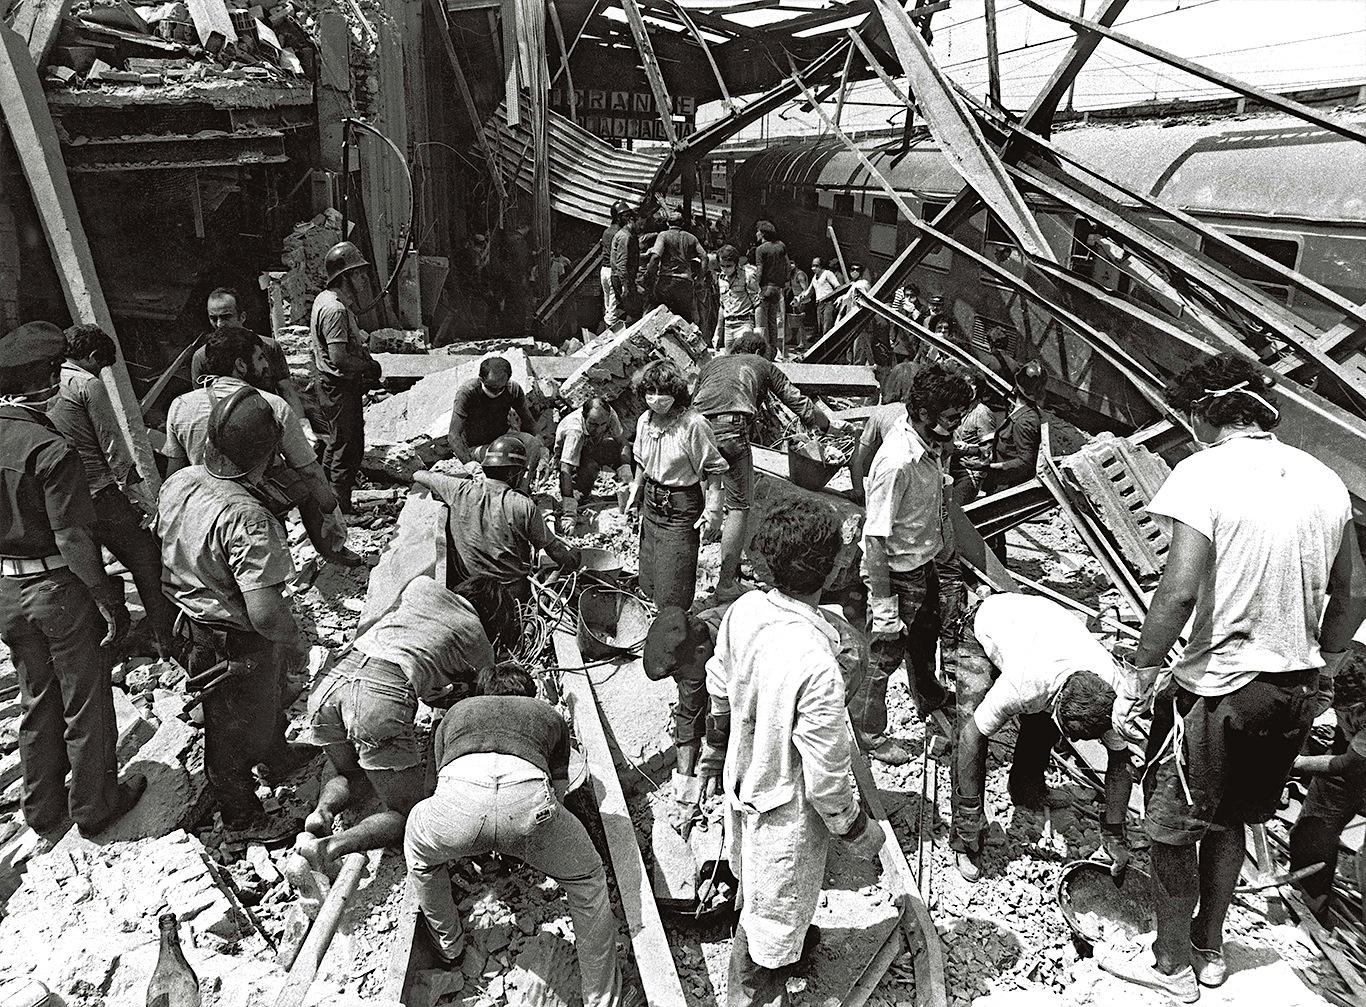 I primi soccorsi alla stazione di Bologna dopo l'esplosione della bomba (Foto di Paolo Ferrari. Archivio Ferrari di Genus Bononiae)